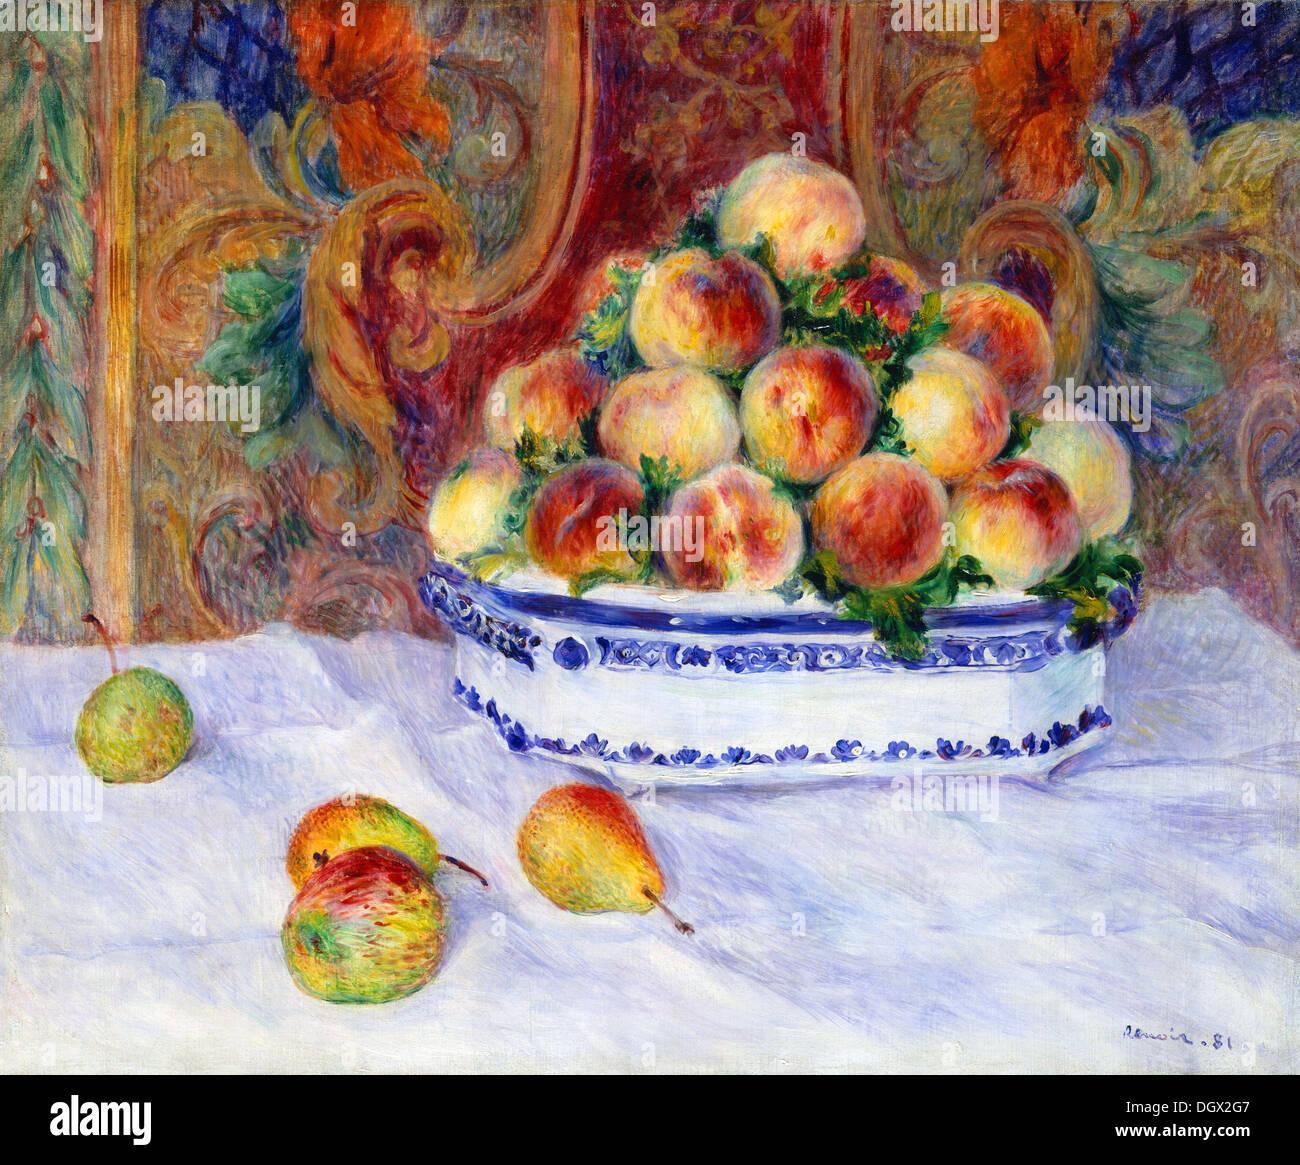 Bodegón con melocotones - por Pierre-Auguste Renoir, 1881 Imagen De Stock